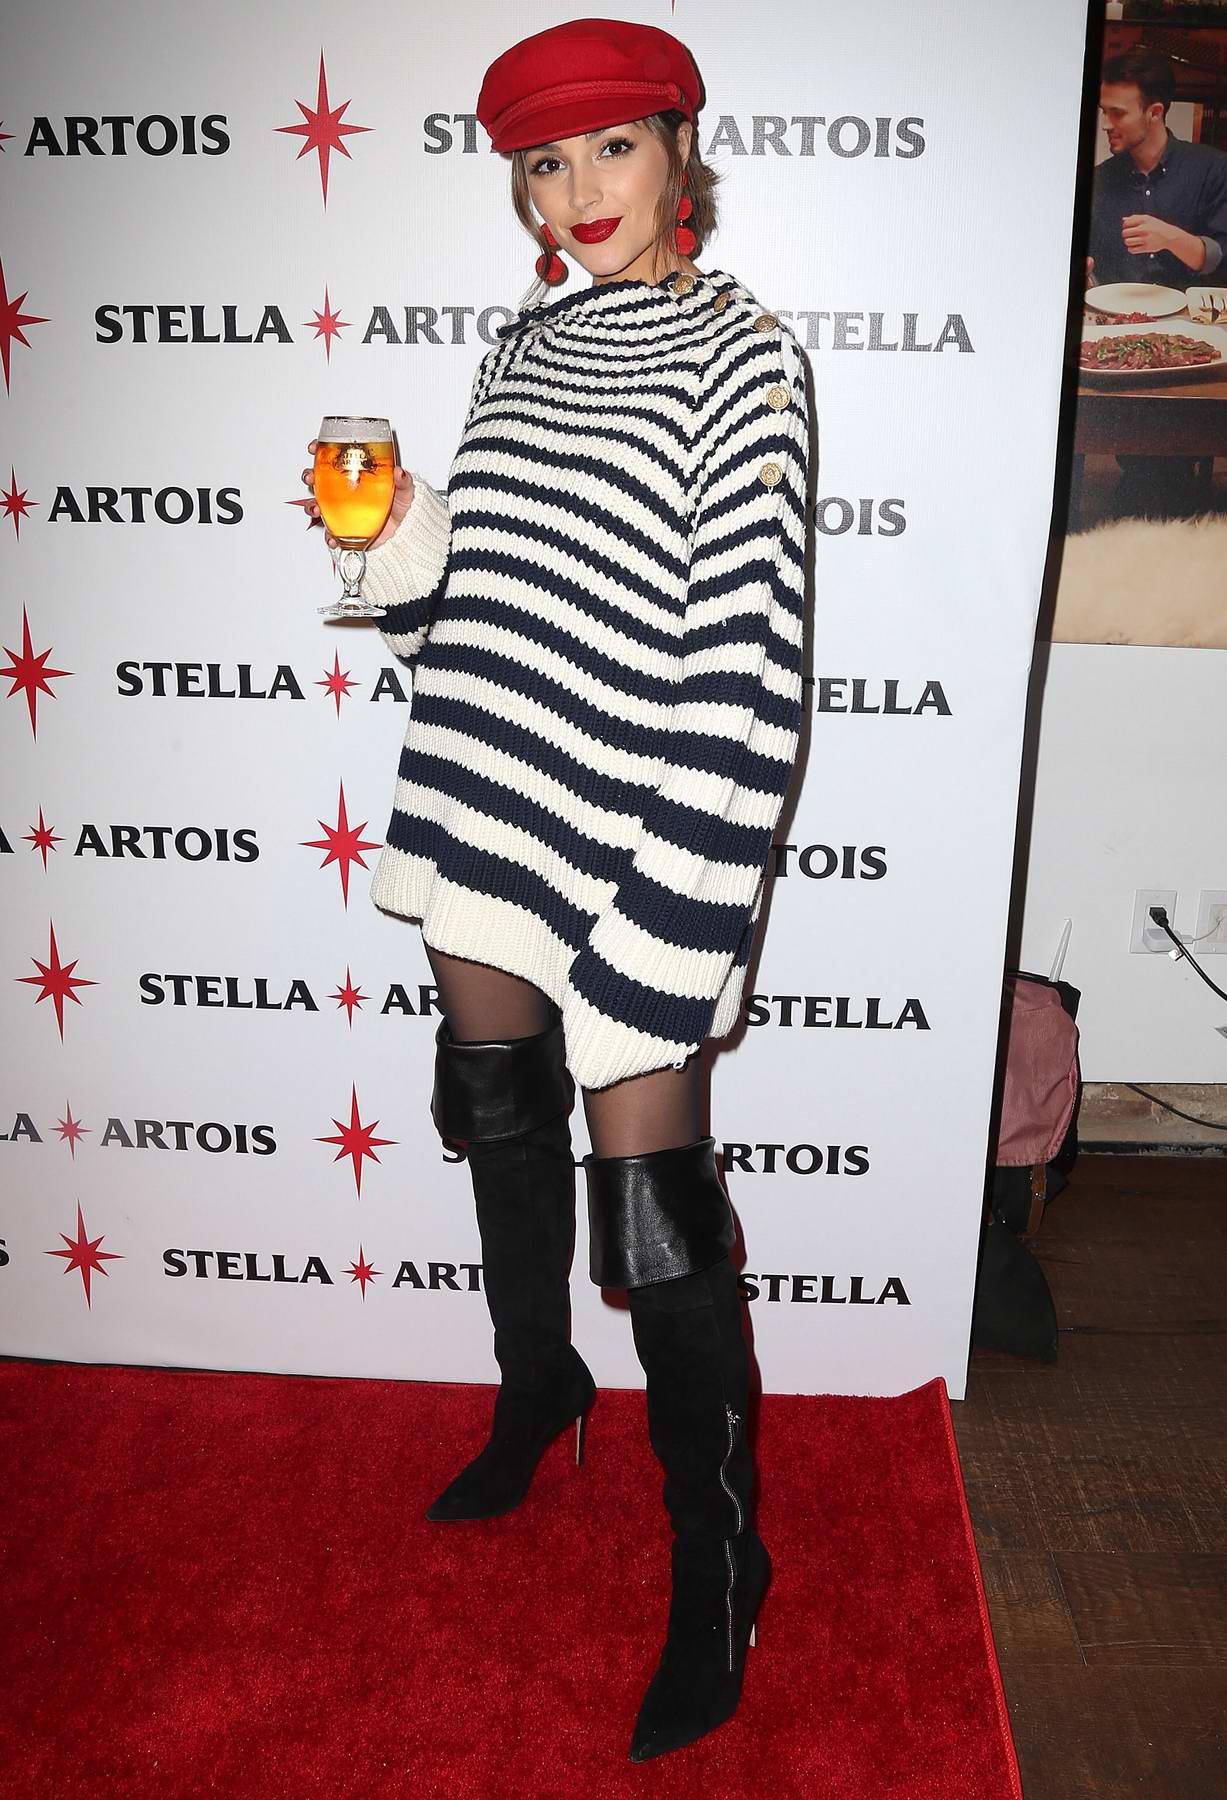 Olivia Culpo at the Stella Artois event in New York